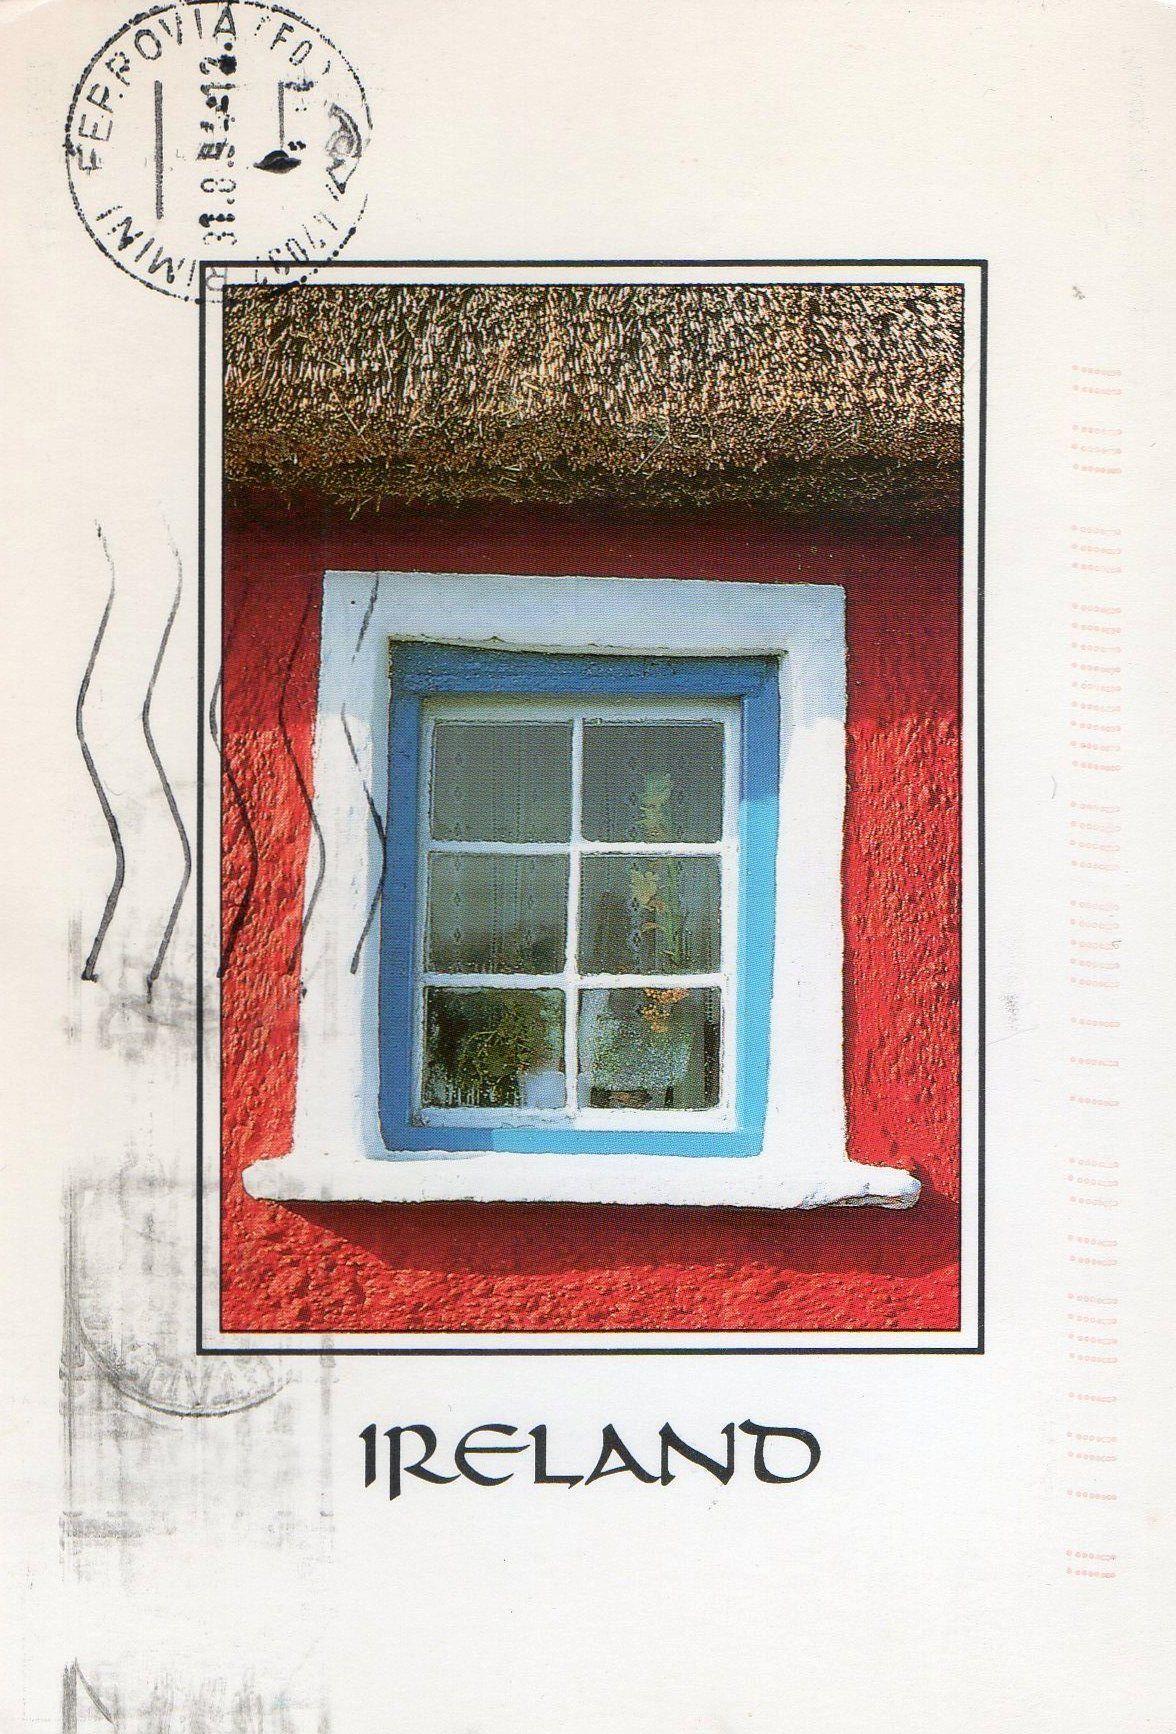 Ireland, Irlanda